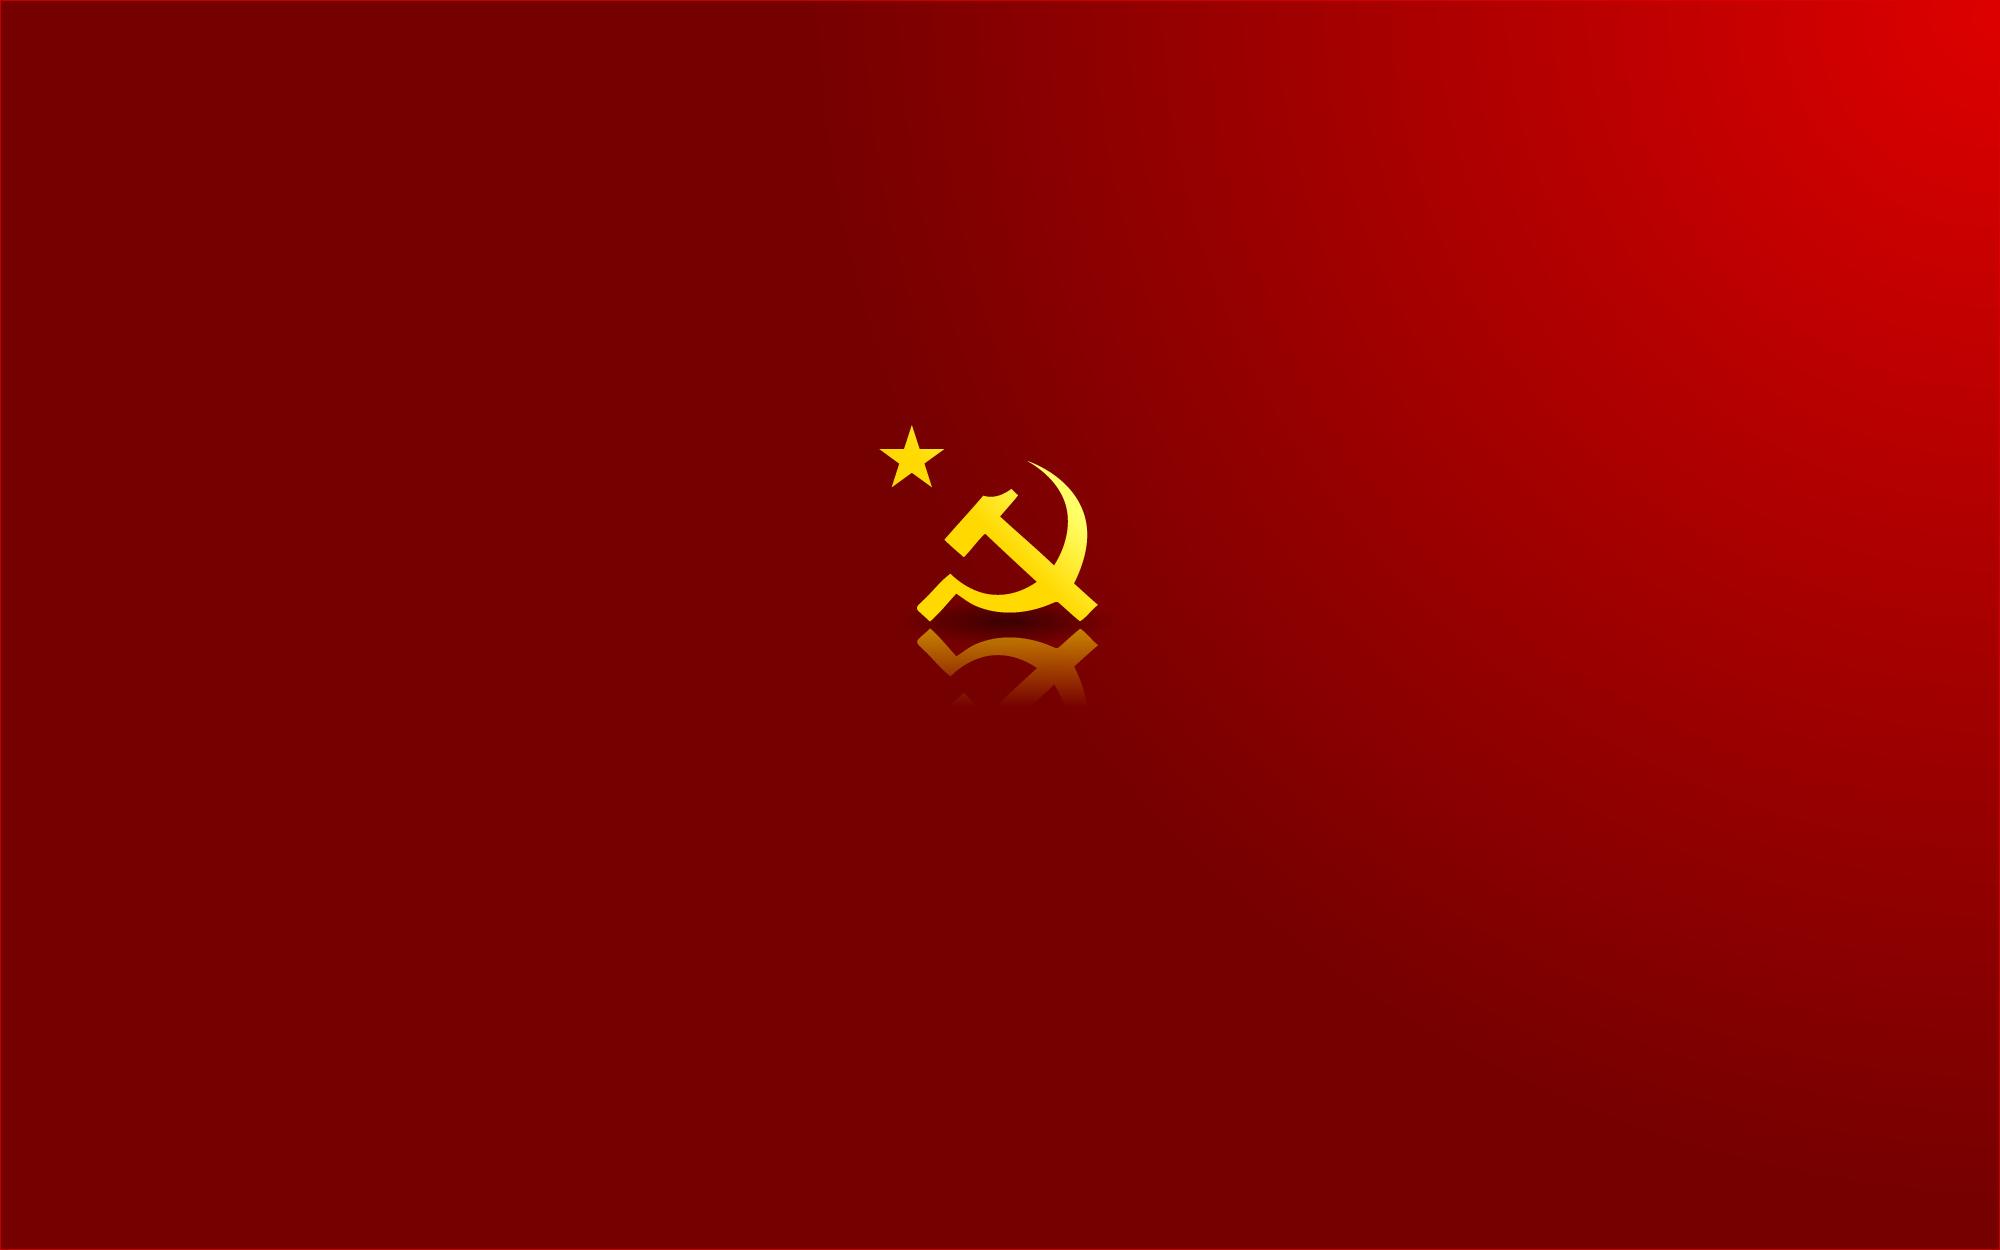 Communist CCCP Red wallpaper | 2000x1250 | 79503 | WallpaperUP